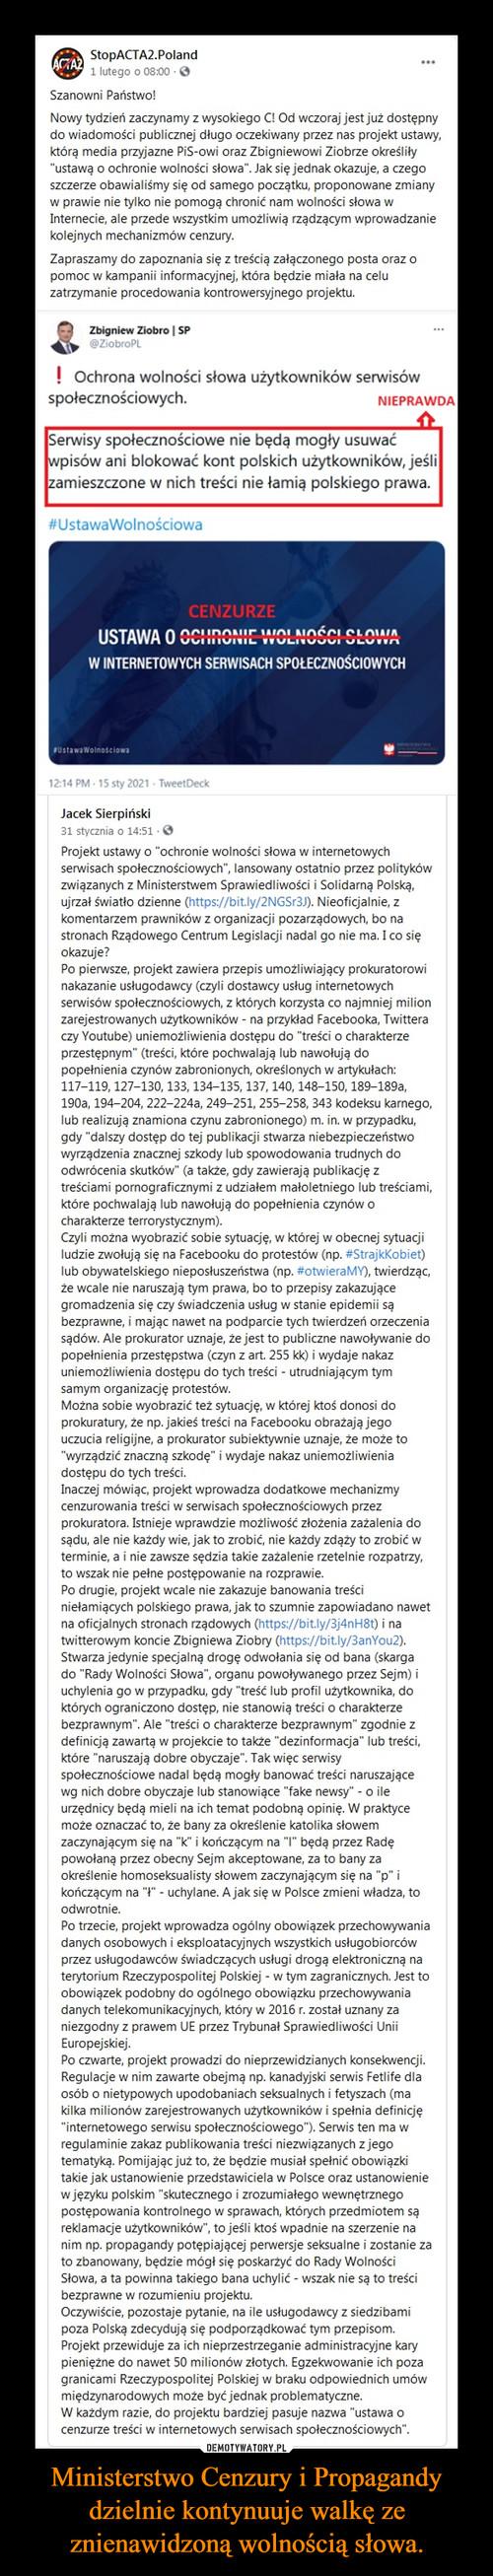 Ministerstwo Cenzury i Propagandy dzielnie kontynuuje walkę ze znienawidzoną wolnością słowa.